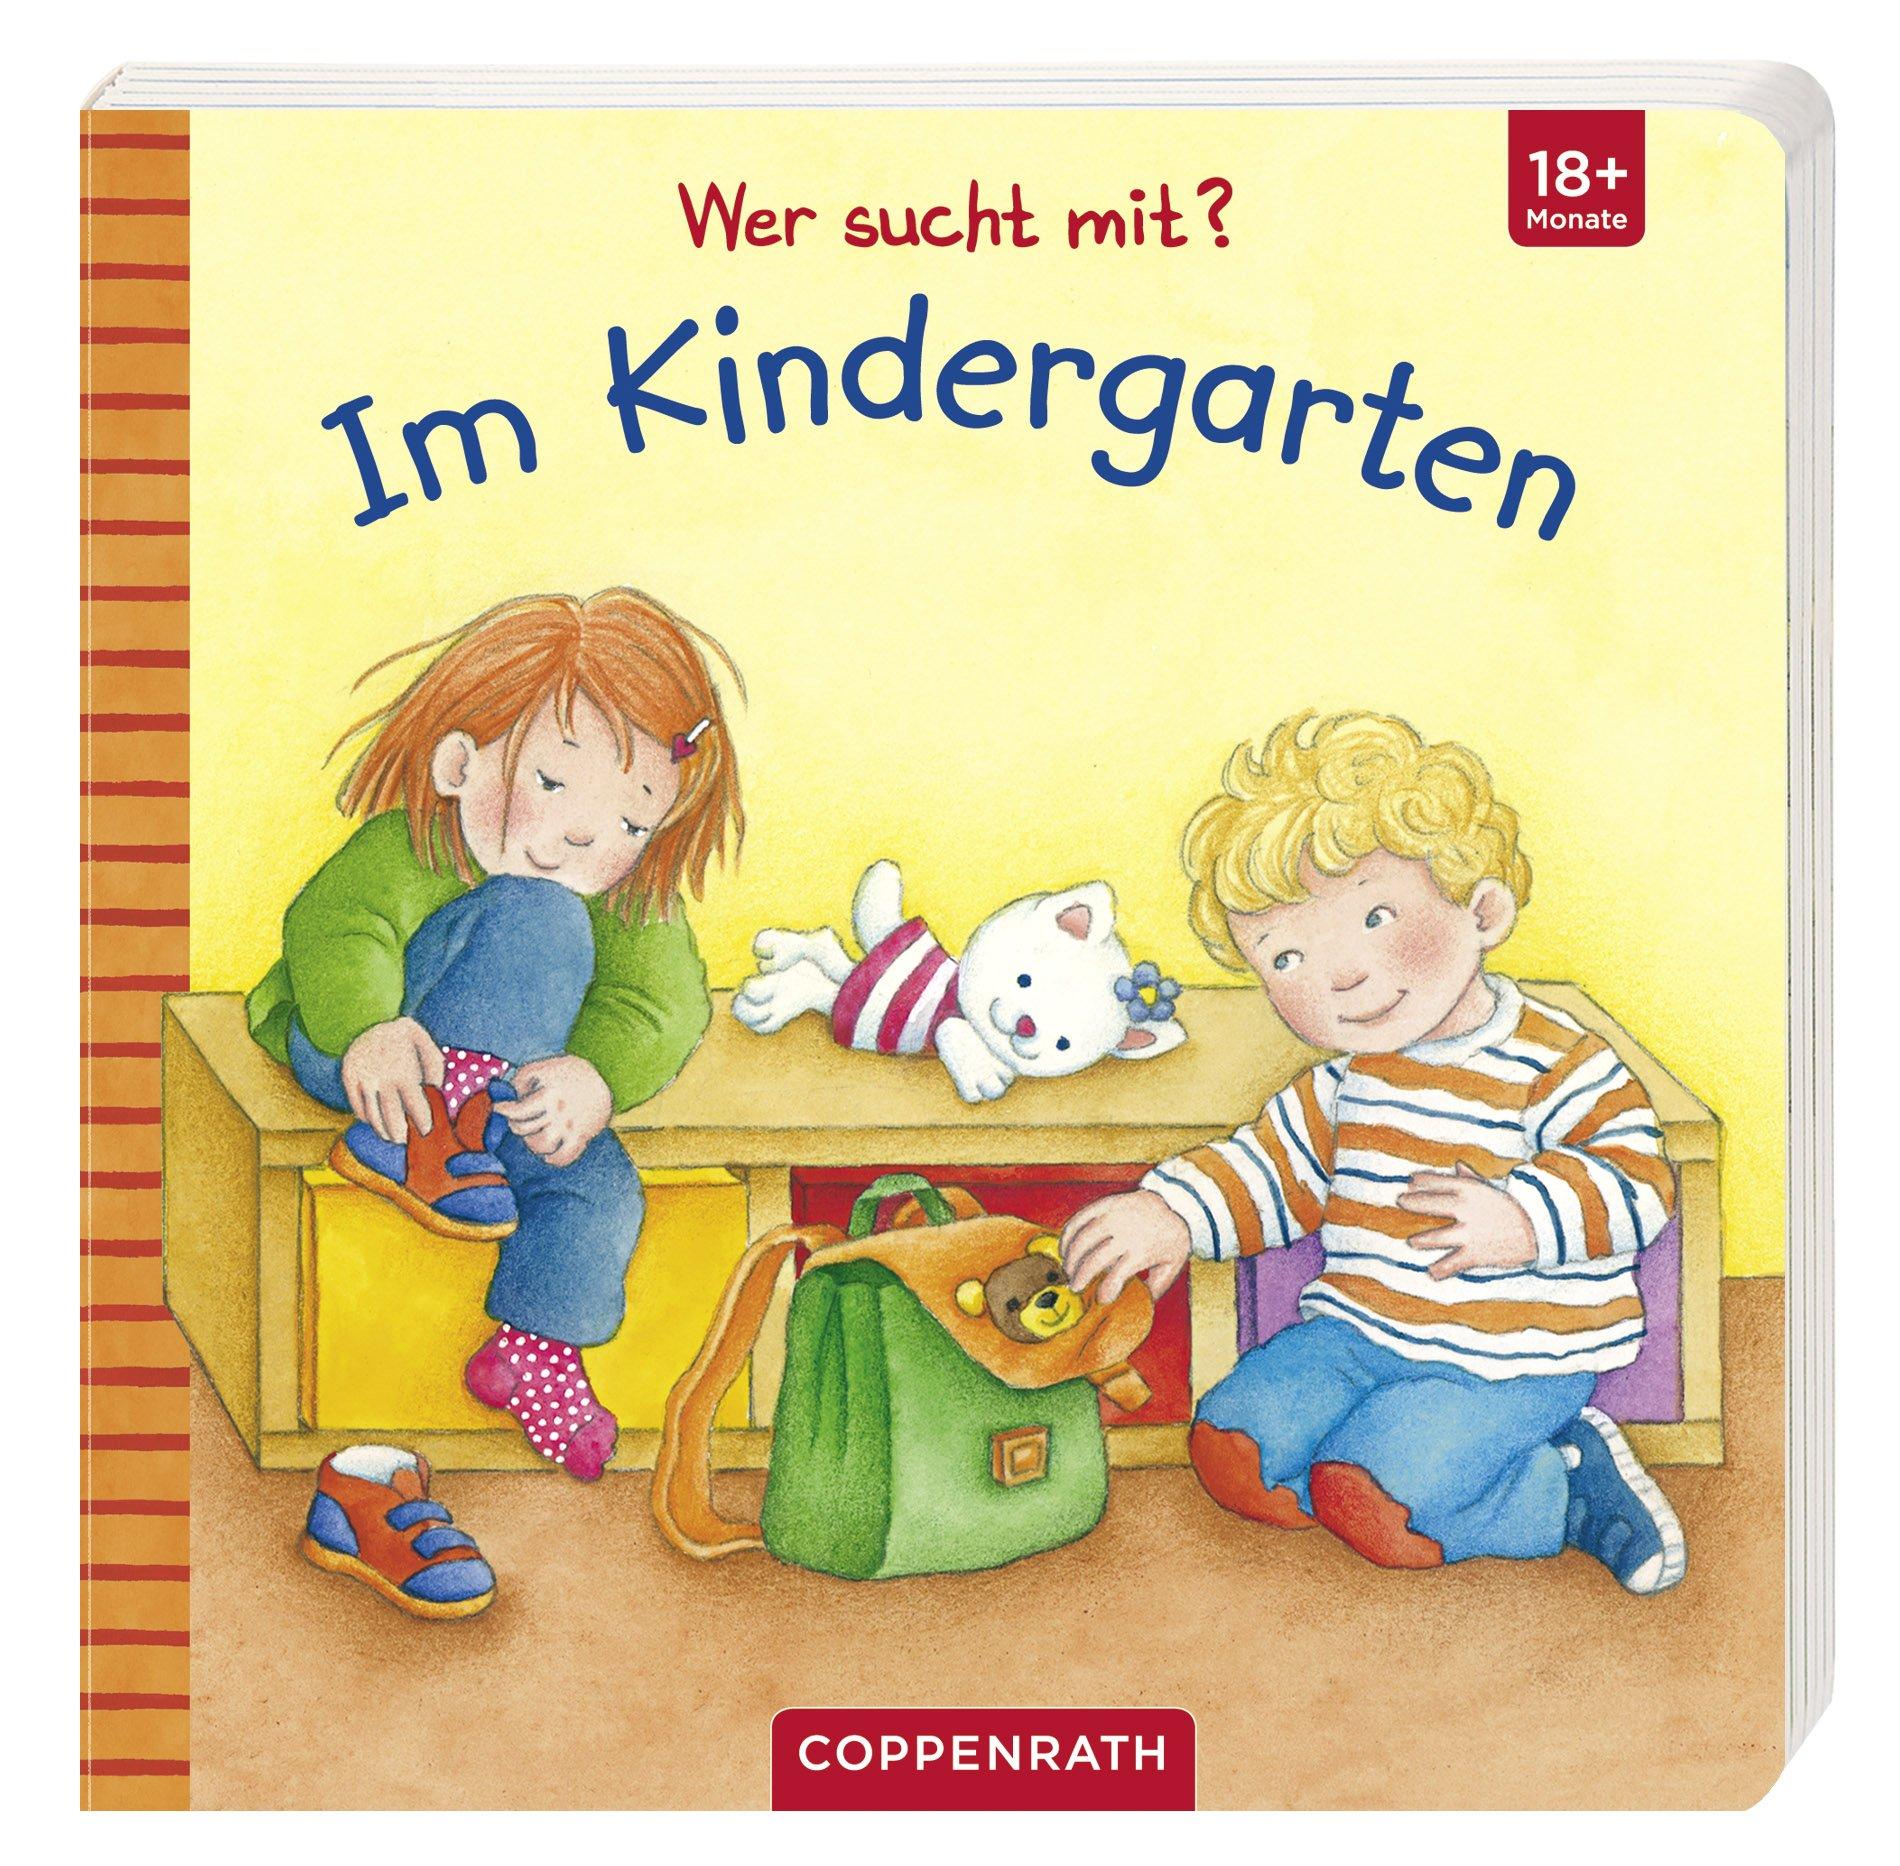 Wer sucht mit? Im Kindergarten Gebundenes Buch – 1. September 2012 Barbara Jelenkovich Coppenrath F 3649610418